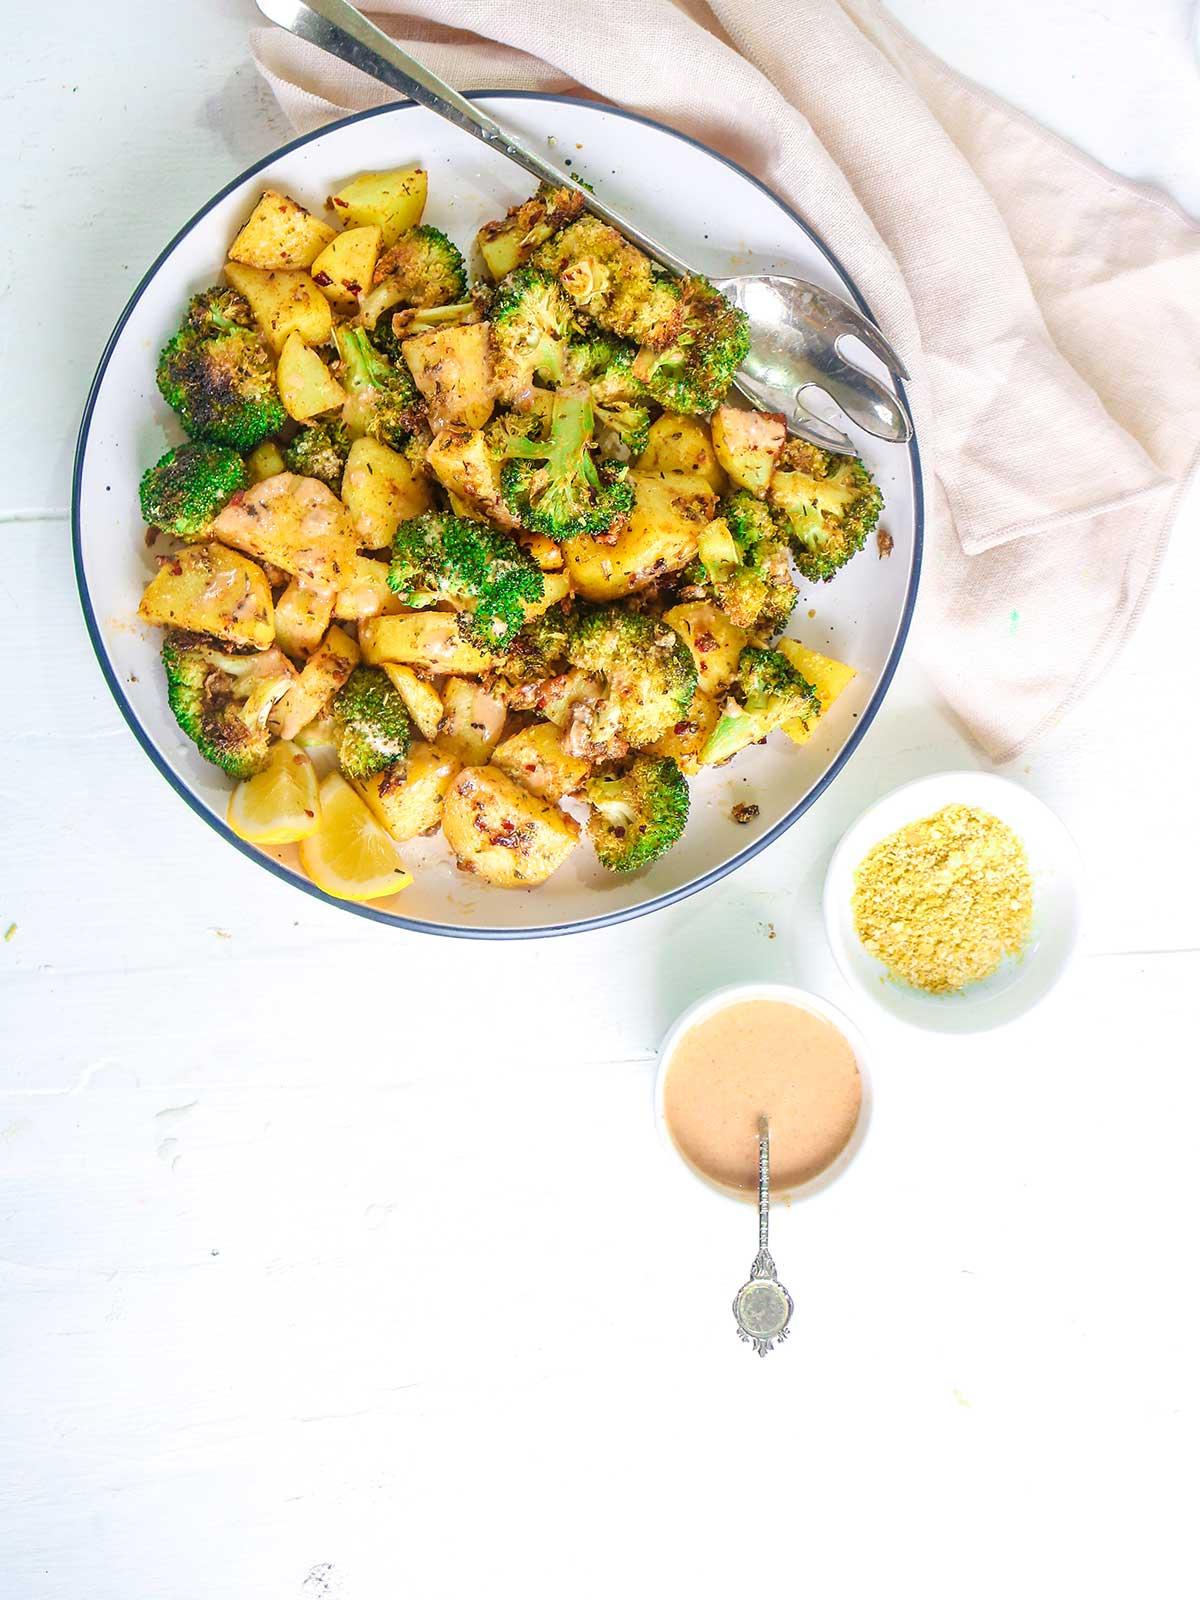 vegan parmesan and spicy tahini dressing for serving